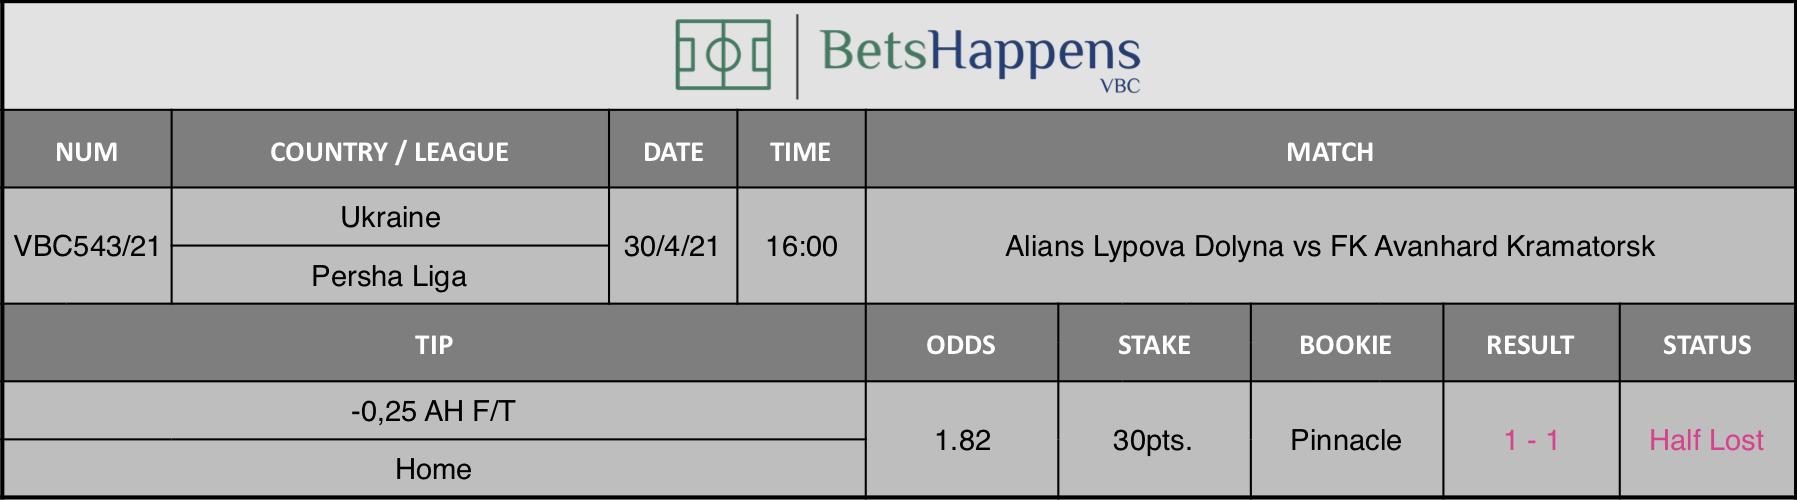 Resultados de nuestro consejo para el Alians Lypova Dolyna vs FK Avanhard Kramatorsk partido donde se recomienda -0,25 AH F / T Home.